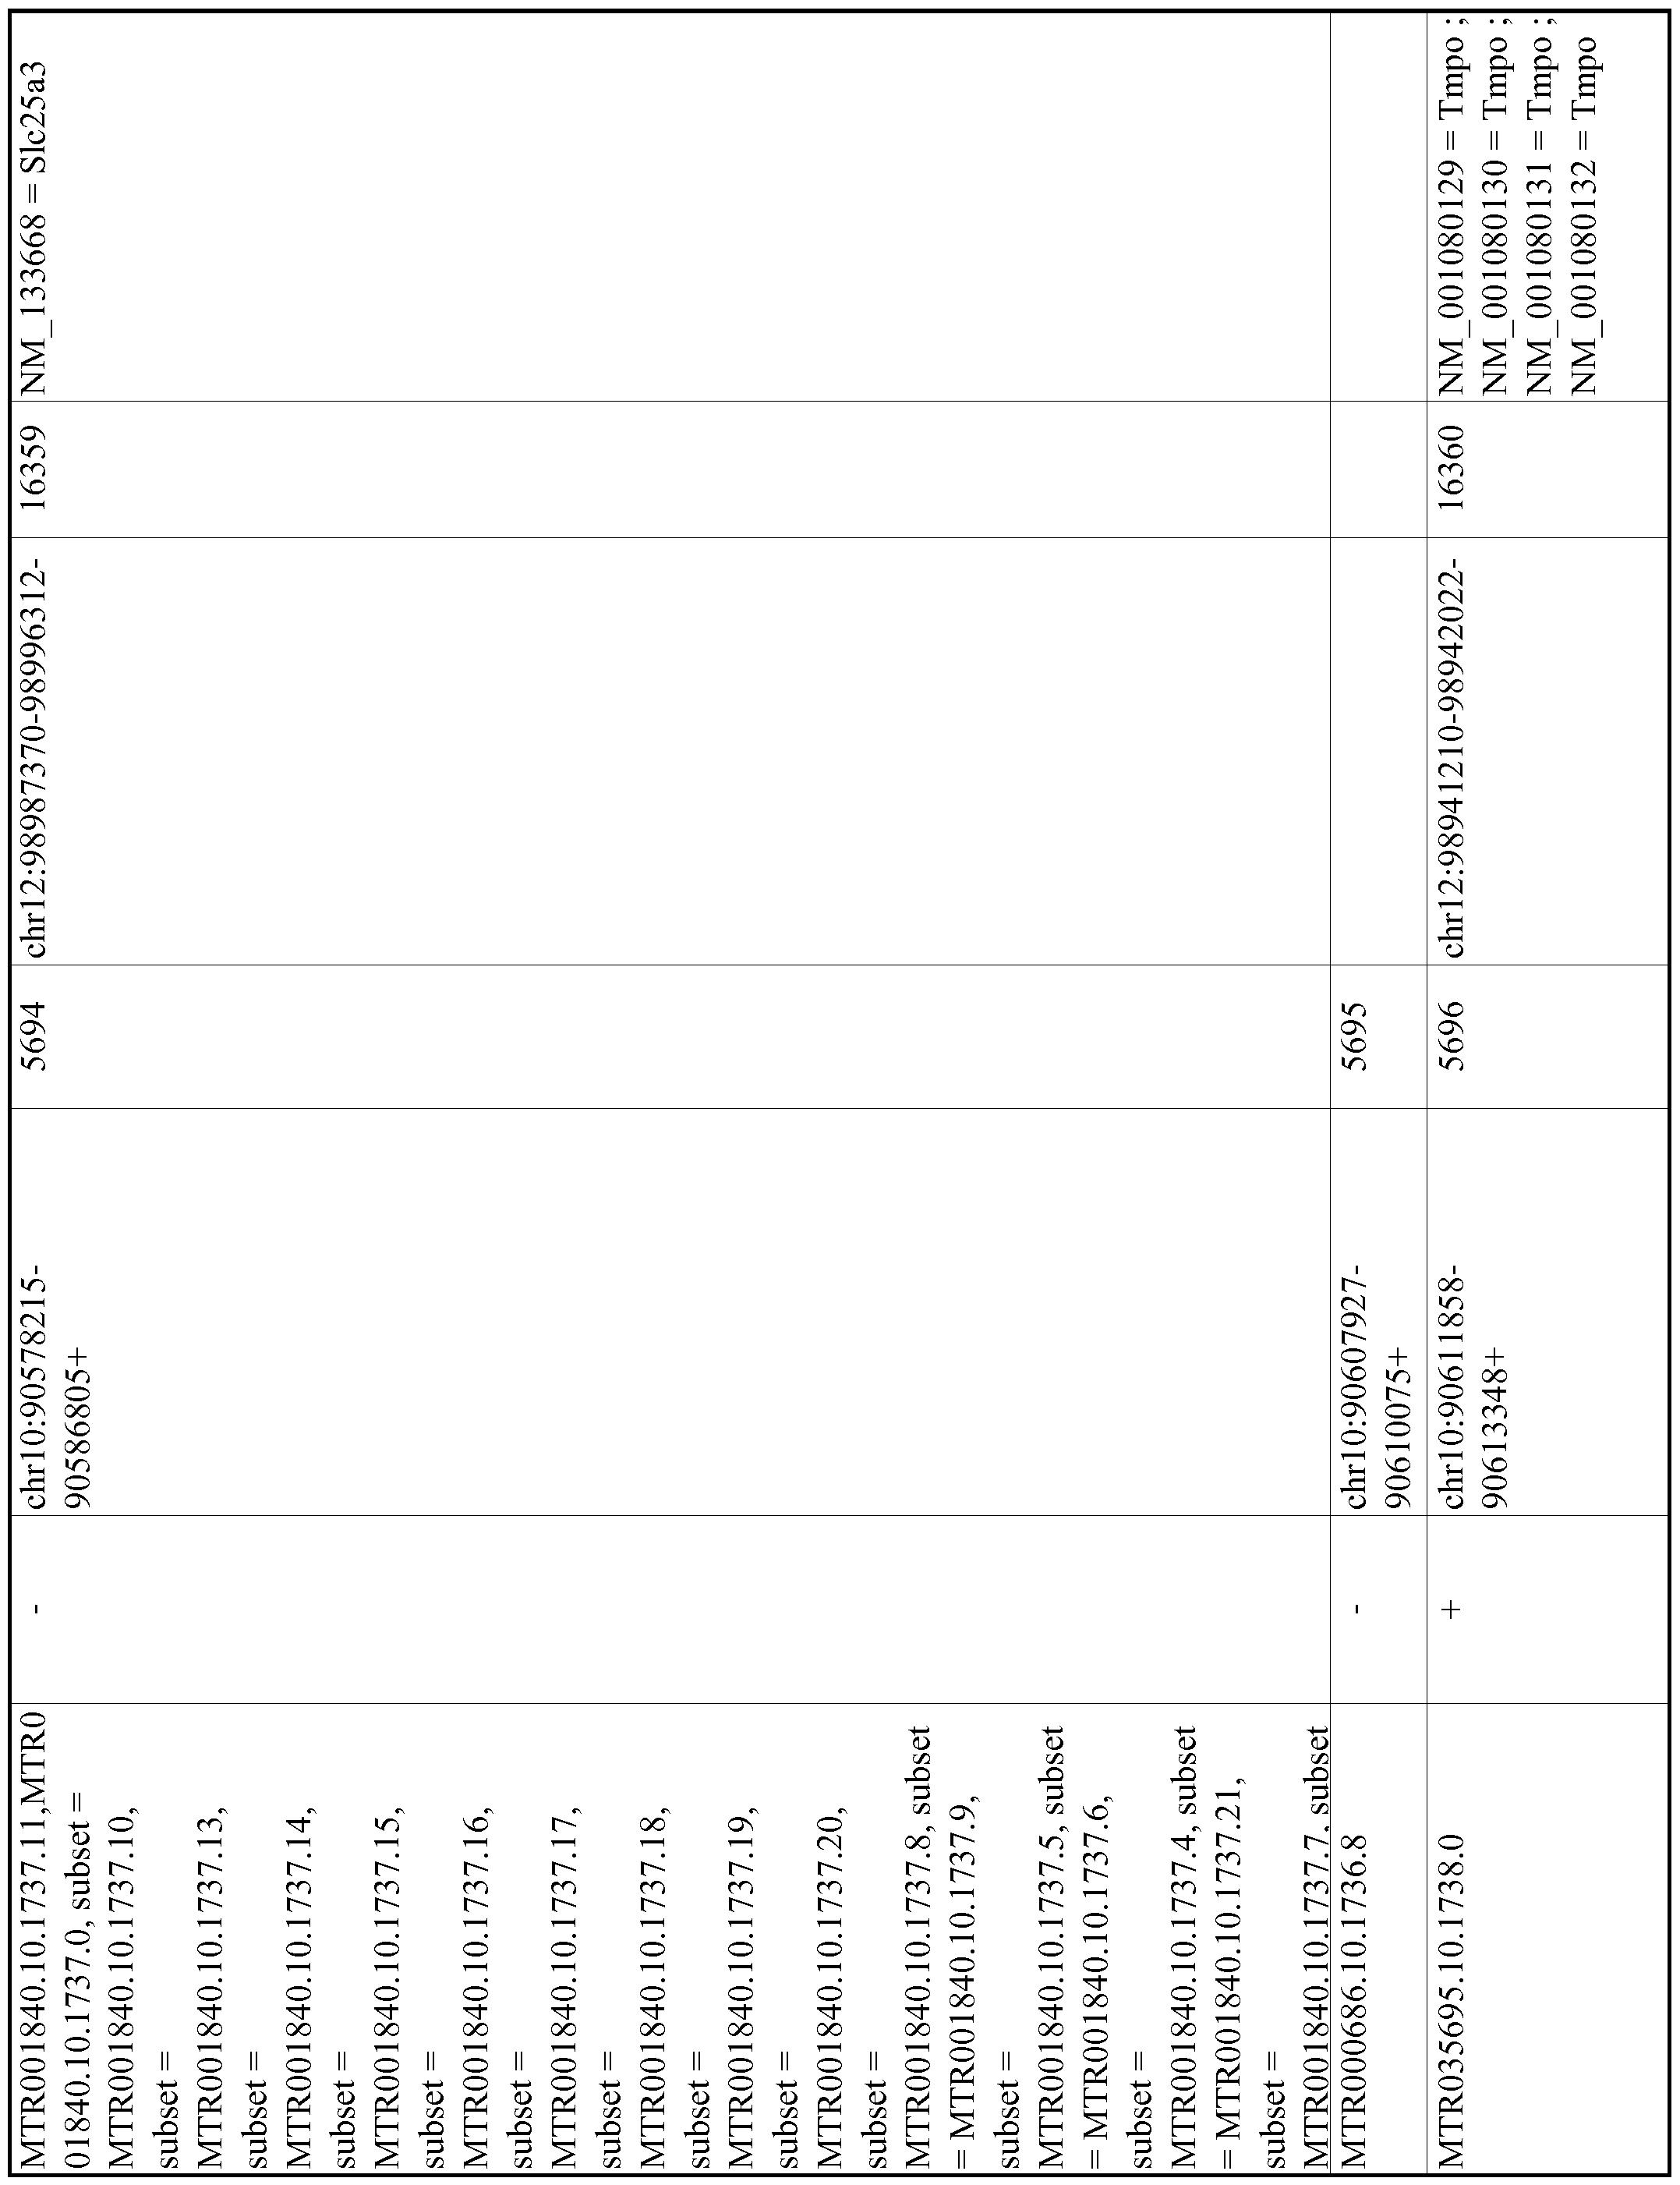 Figure imgf001027_0001